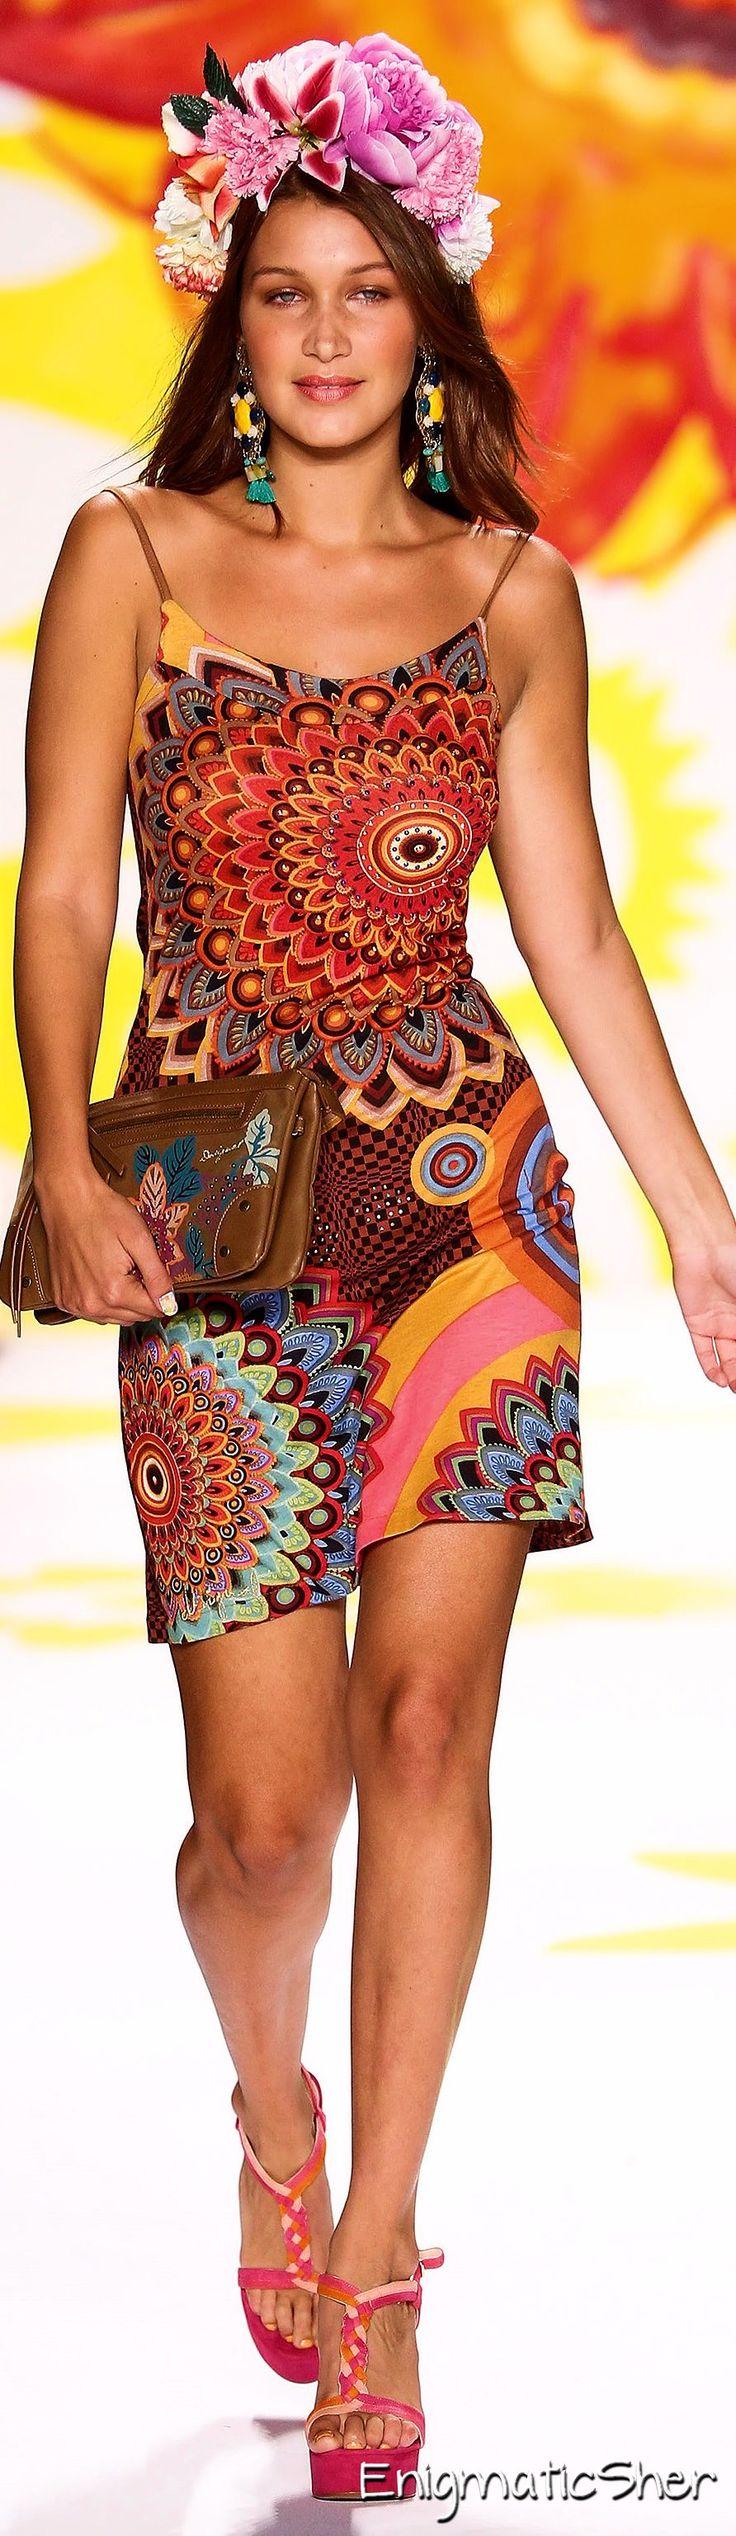 Farb-und Stilberatung mit www.farben-reich.com - Desigual Spring Summer 2015 Ready-To-Wear